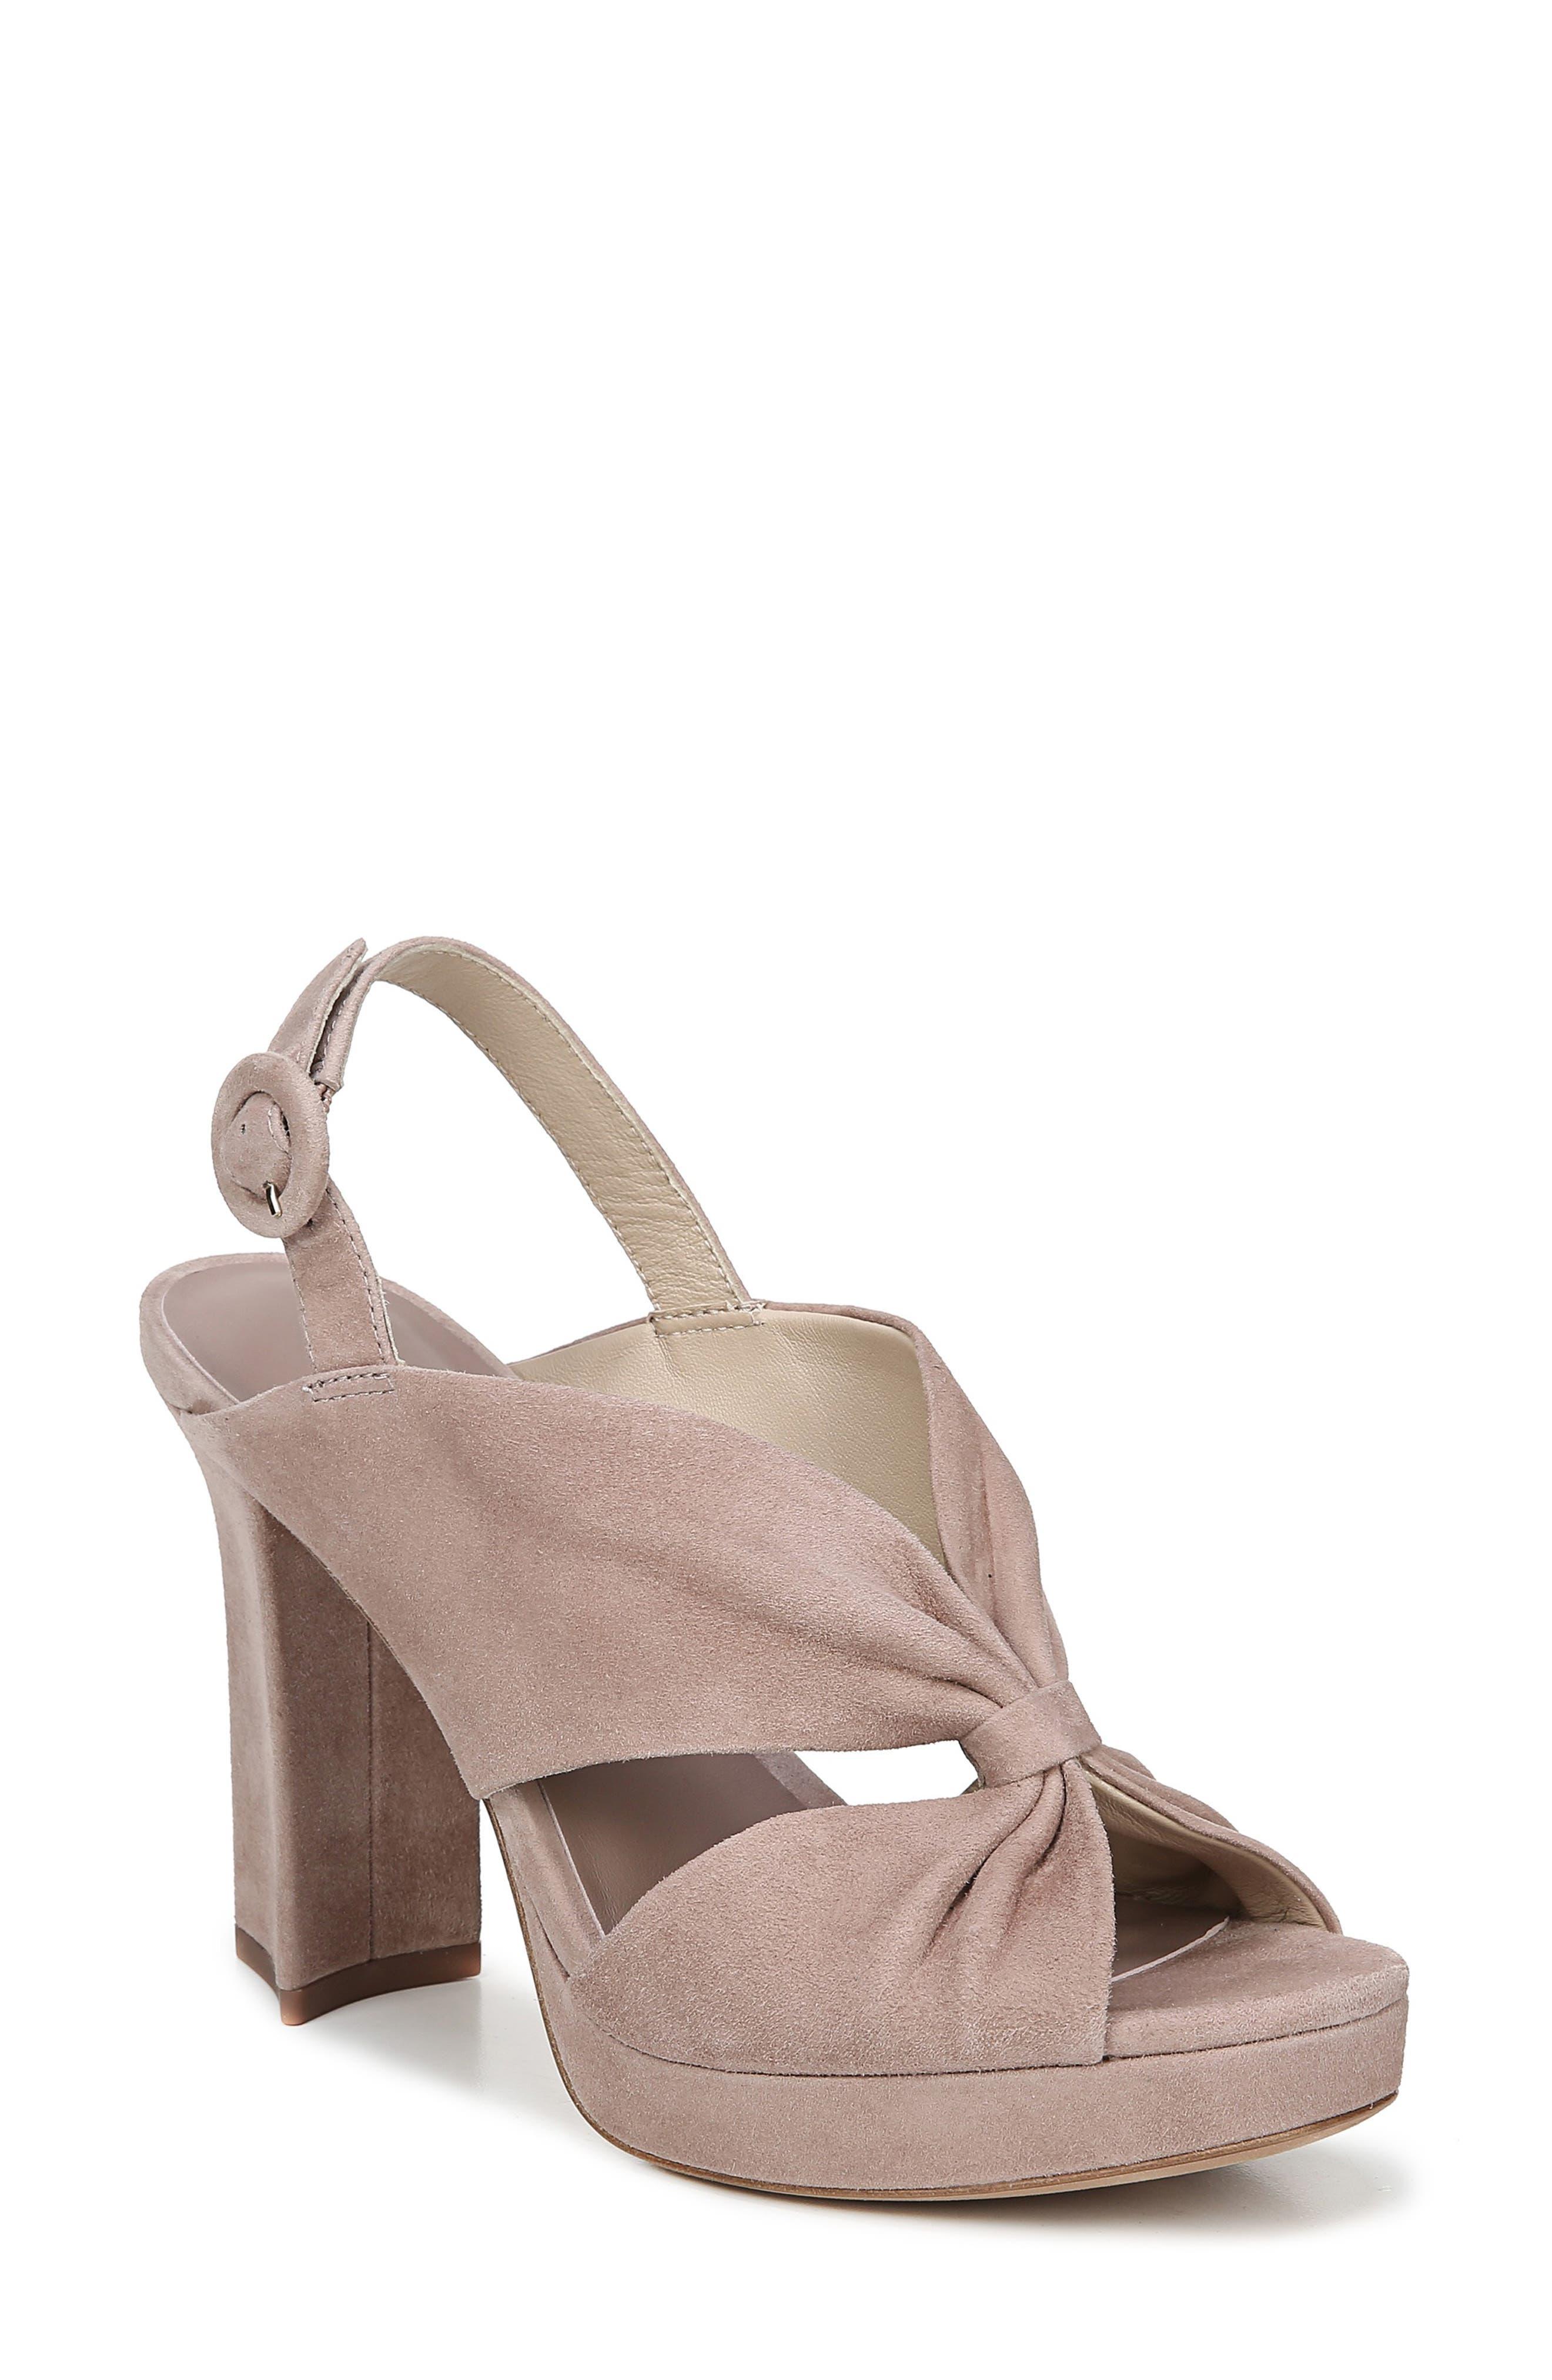 Diane Von Furstenberg Heidi Platform Sandal, Beige